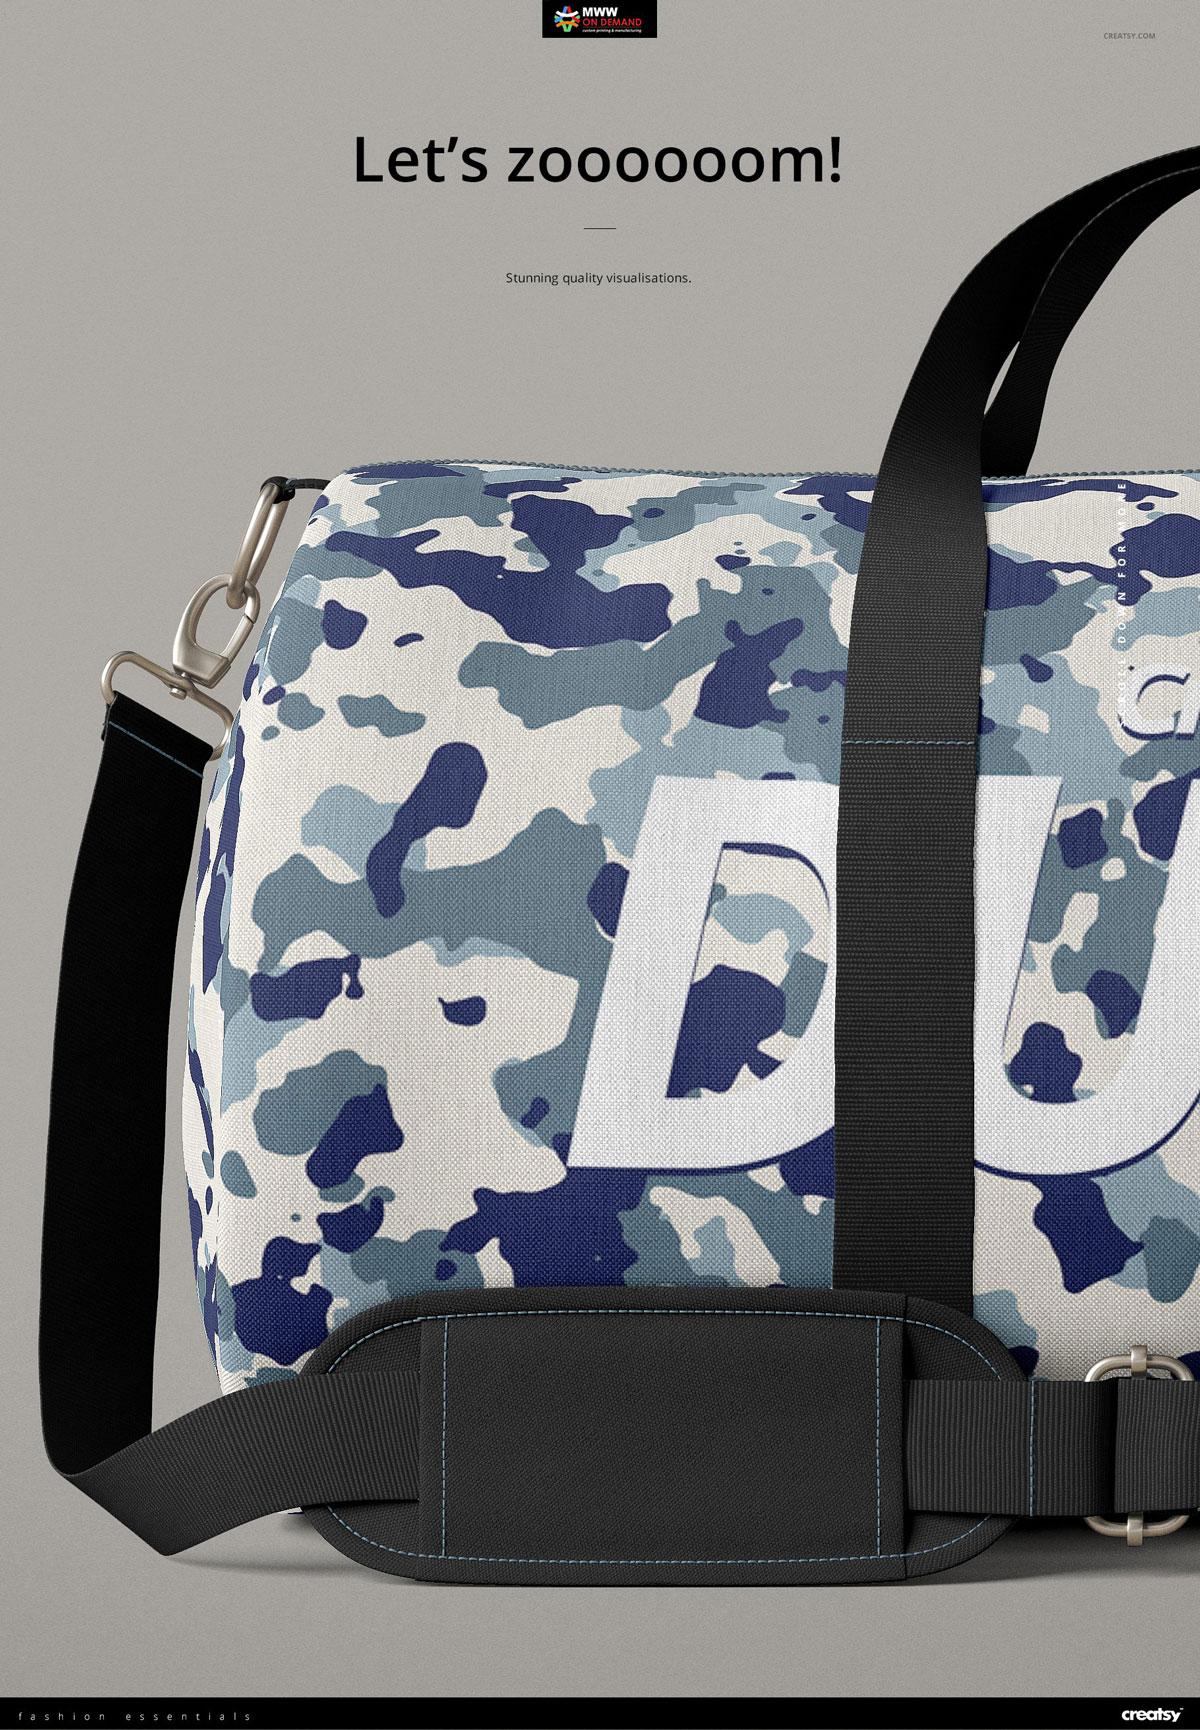 手提/斜挎帆布行李包设计展示图样机模板(23×12) Duffel Bag Mockup Set (23×12)插图(4)